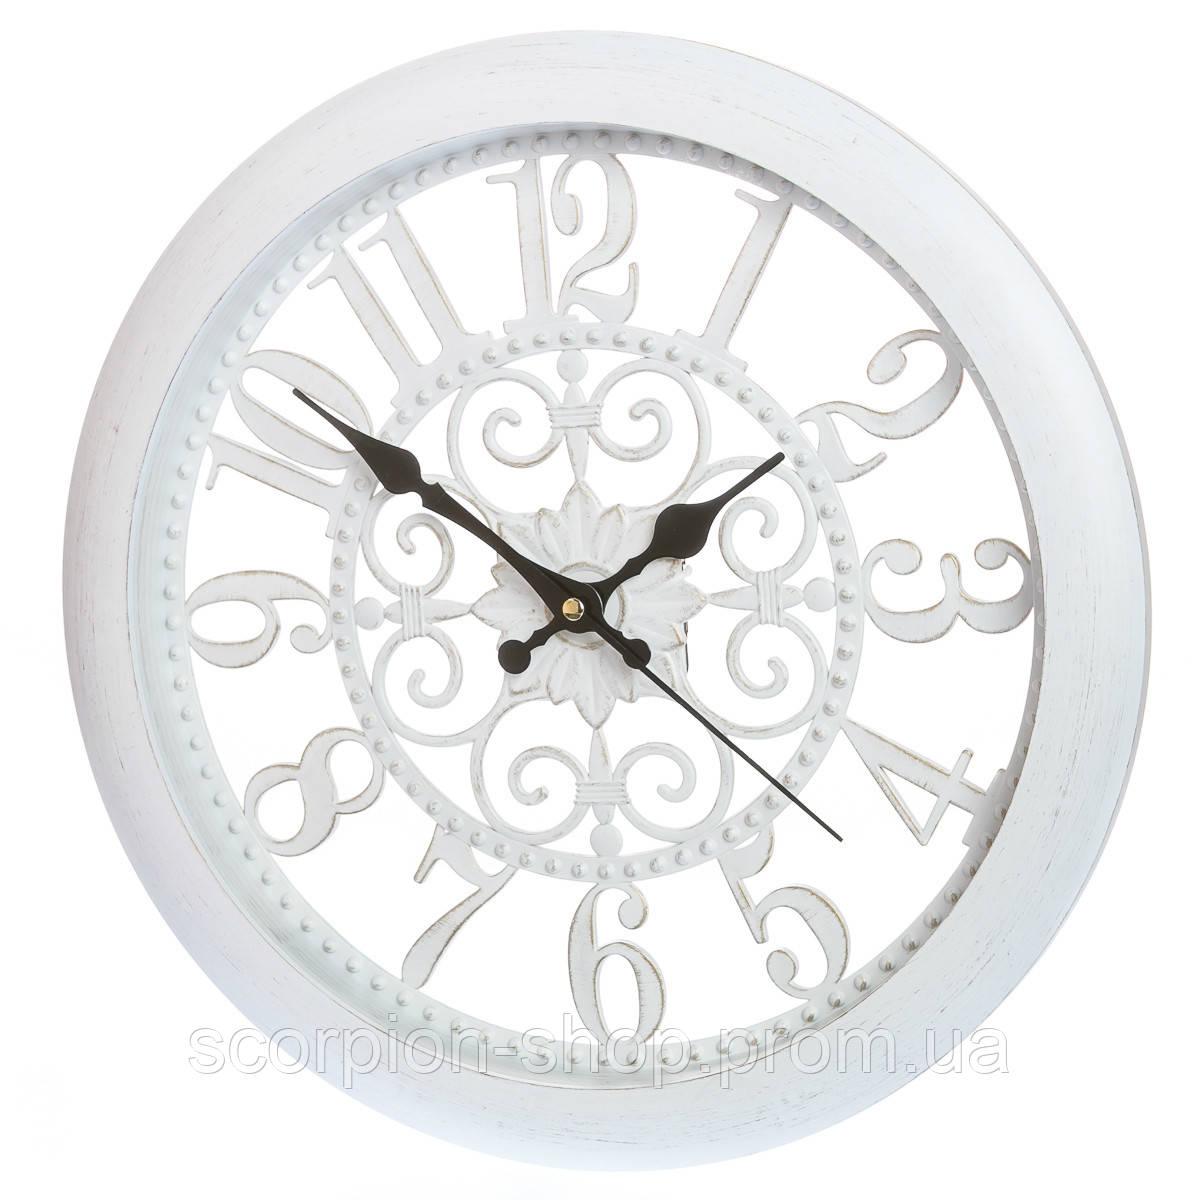 Настенные часы (Ø 36 см) ажурные (132A/white)